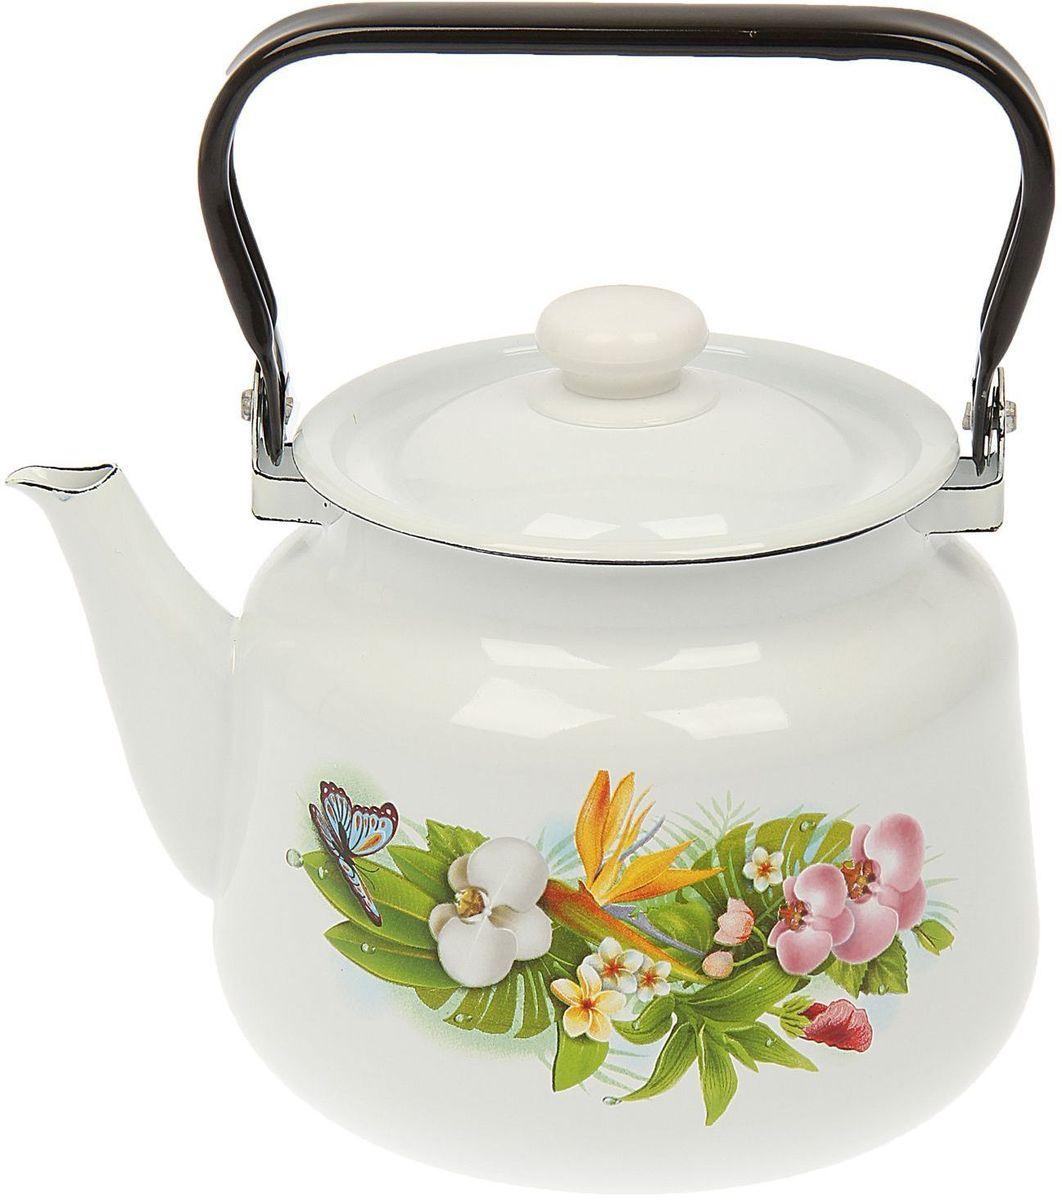 Чайник эмалированный Epos  Аванта , 3,5 л - Посуда для приготовления